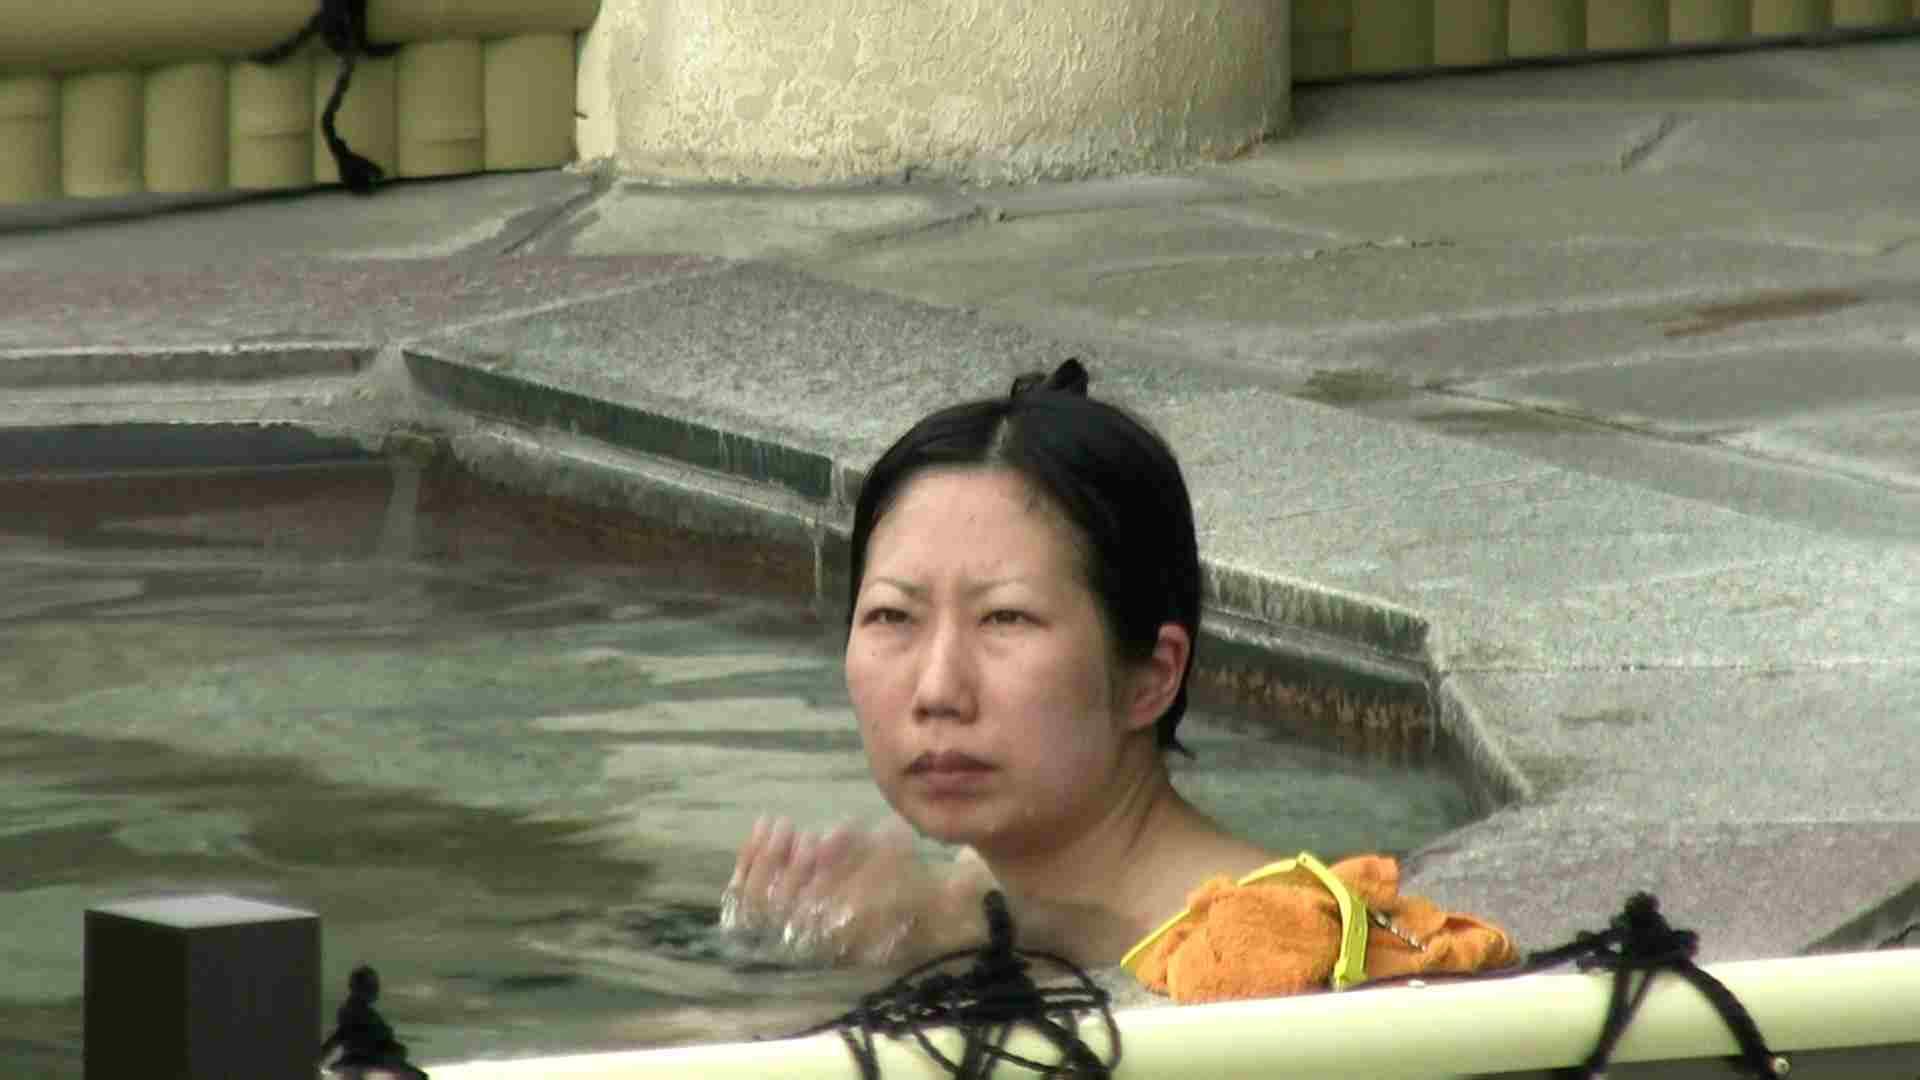 Aquaな露天風呂Vol.662 露天   OLすけべ画像  19連発 4